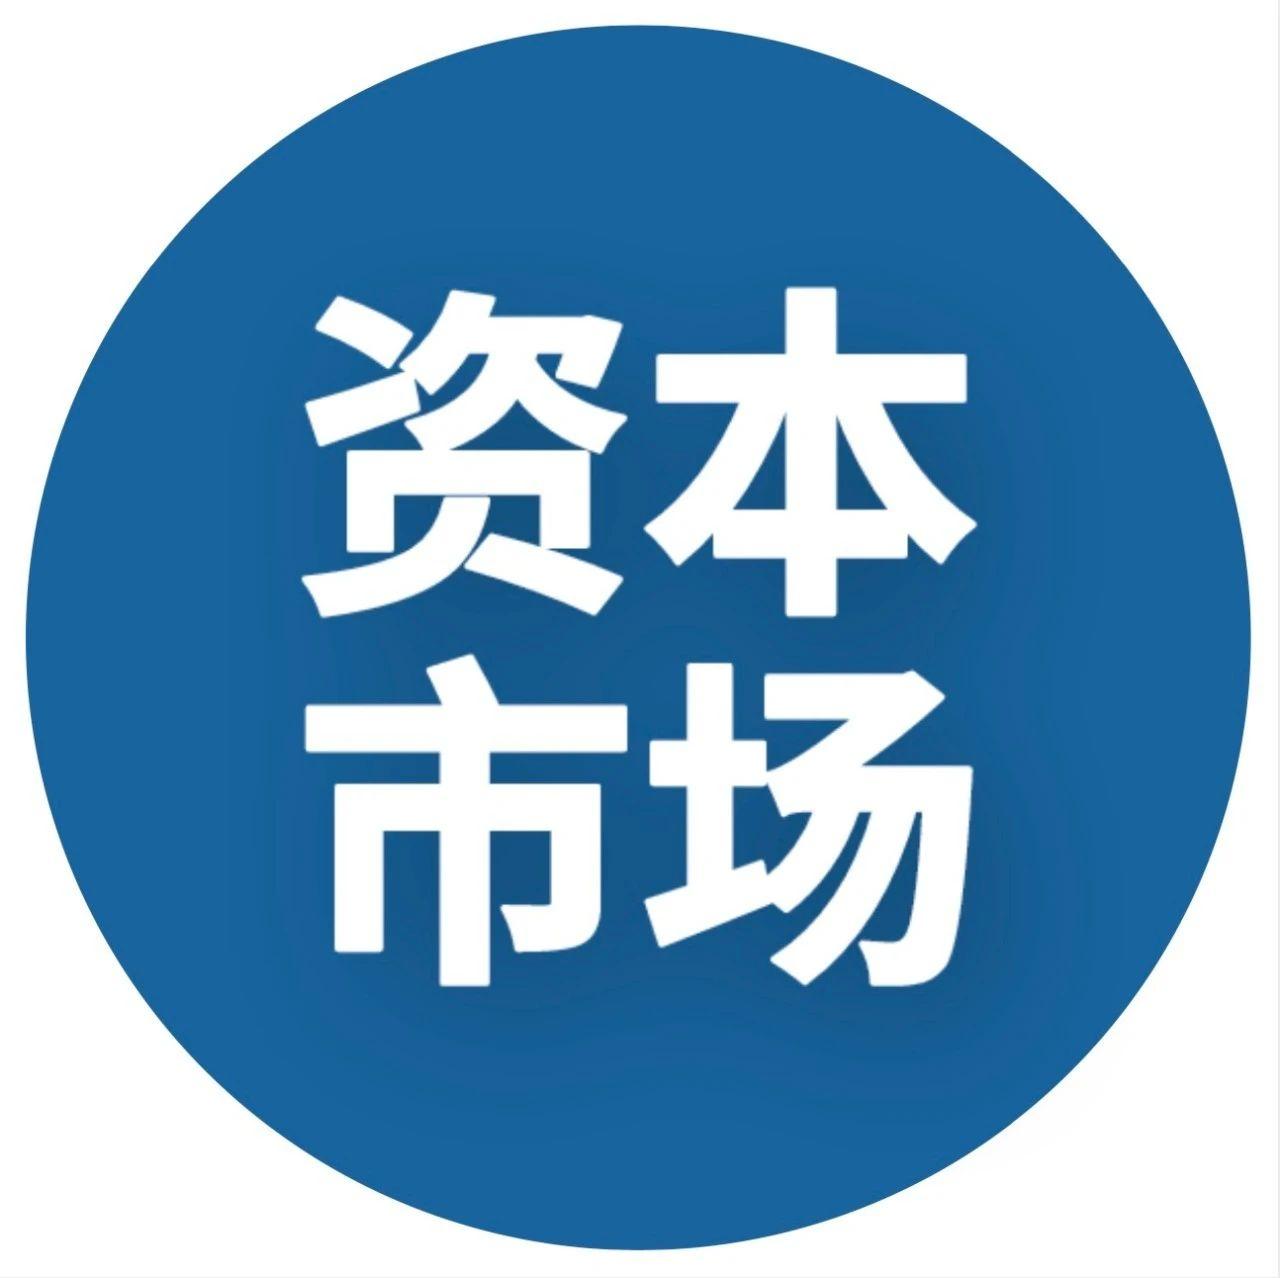 """日本新首相是""""傀儡"""",安倍小马甲?美联储手上有大招,明年有盼头!川普心慌?"""